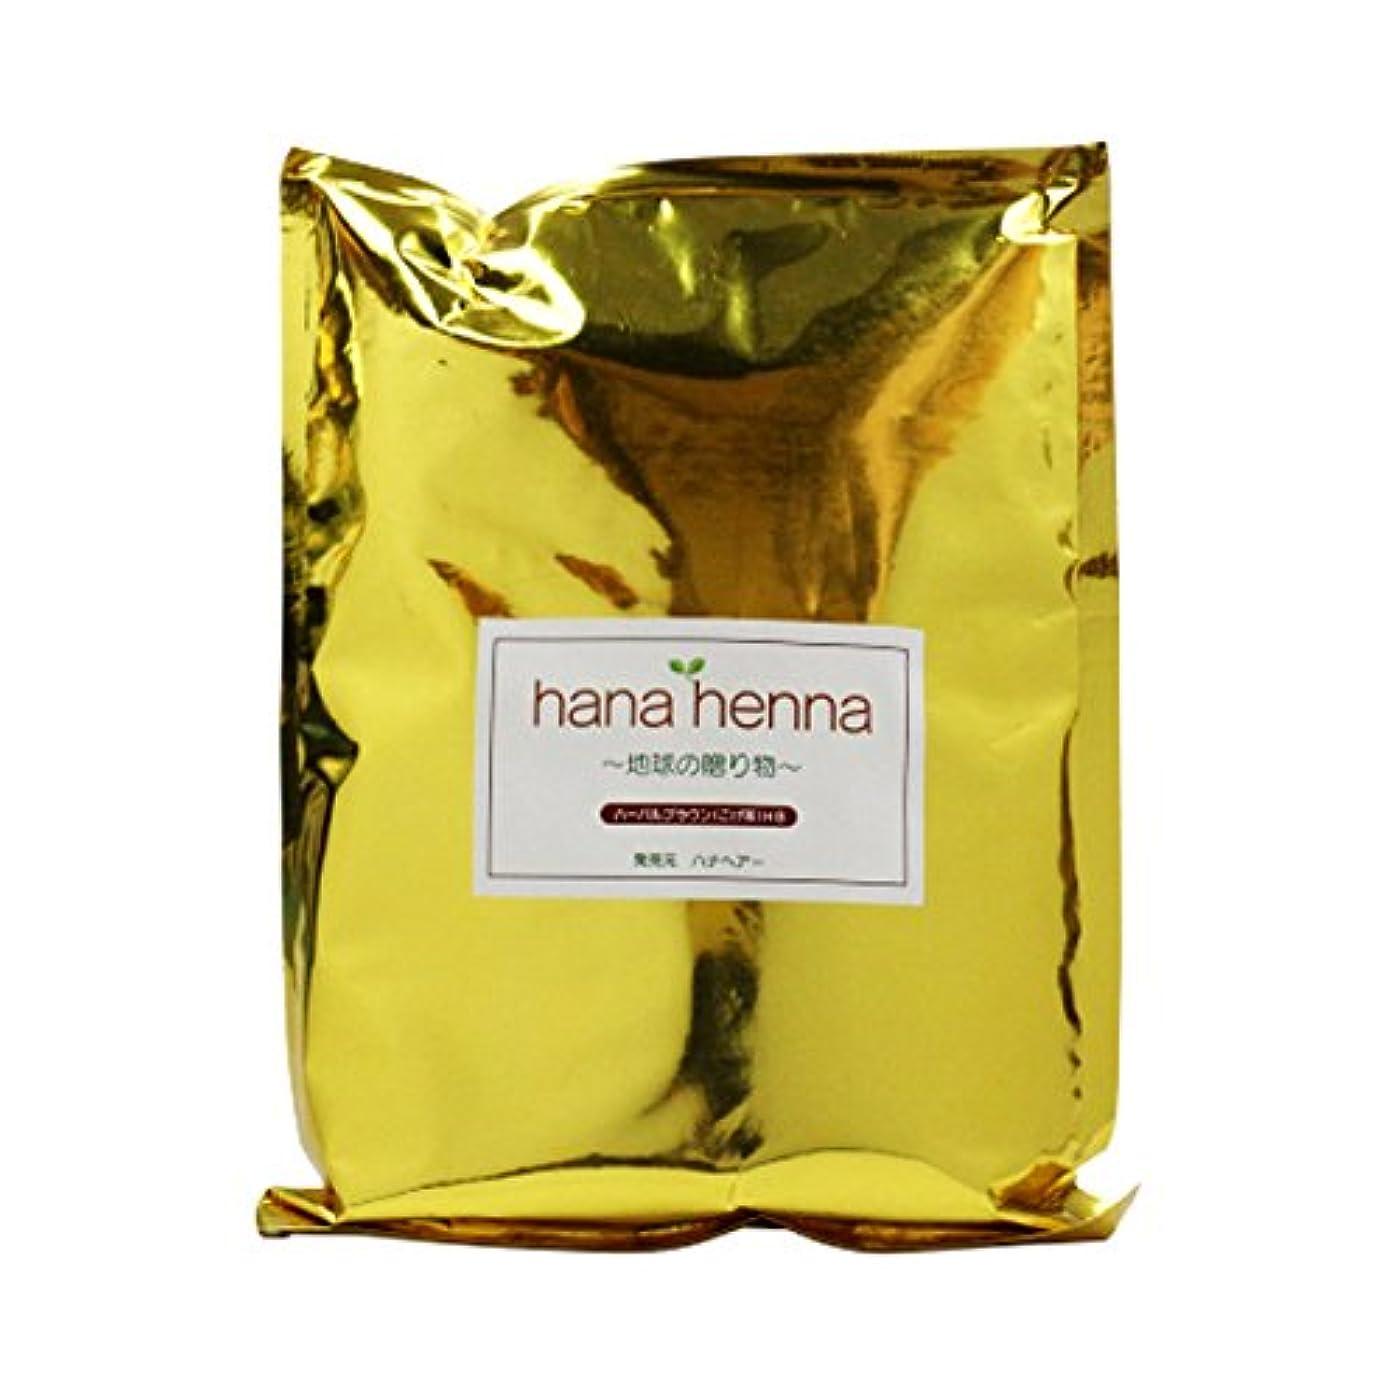 名目上の山岳期限切れhanahenna ハーバルブラウン HB(こげ茶) 100g